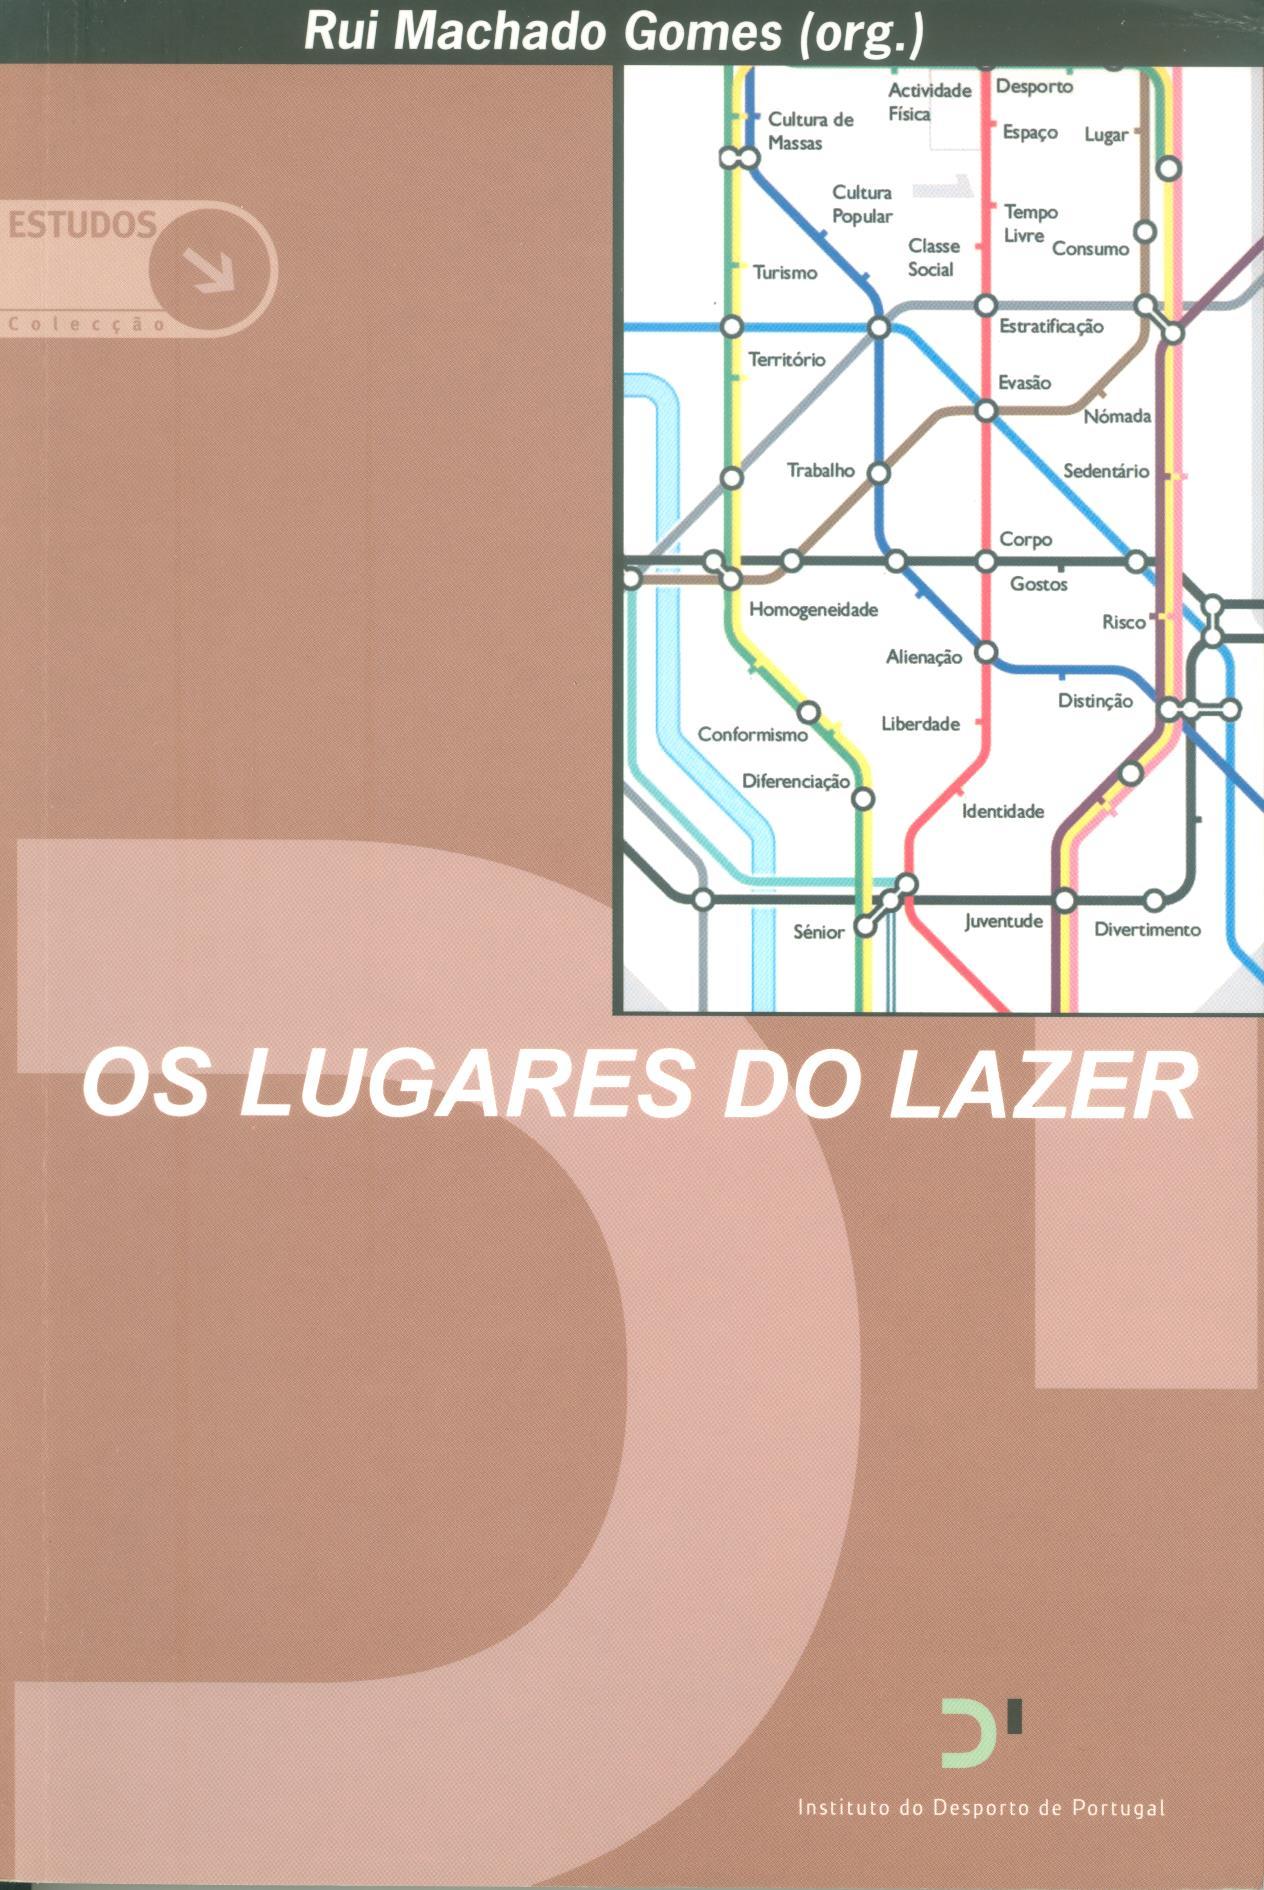 Os Lugares do Lazer